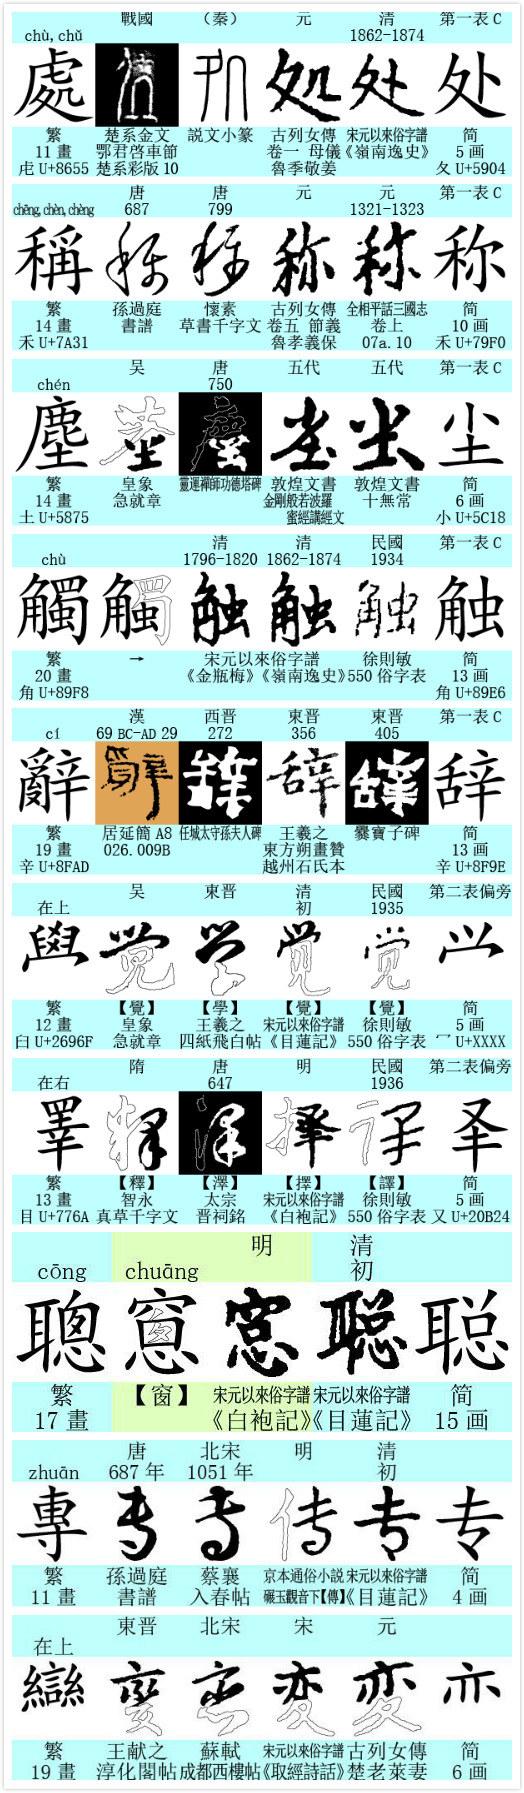 中国繁体字大全_为什么中国大陆停用繁体字,推行简化字? - 知乎